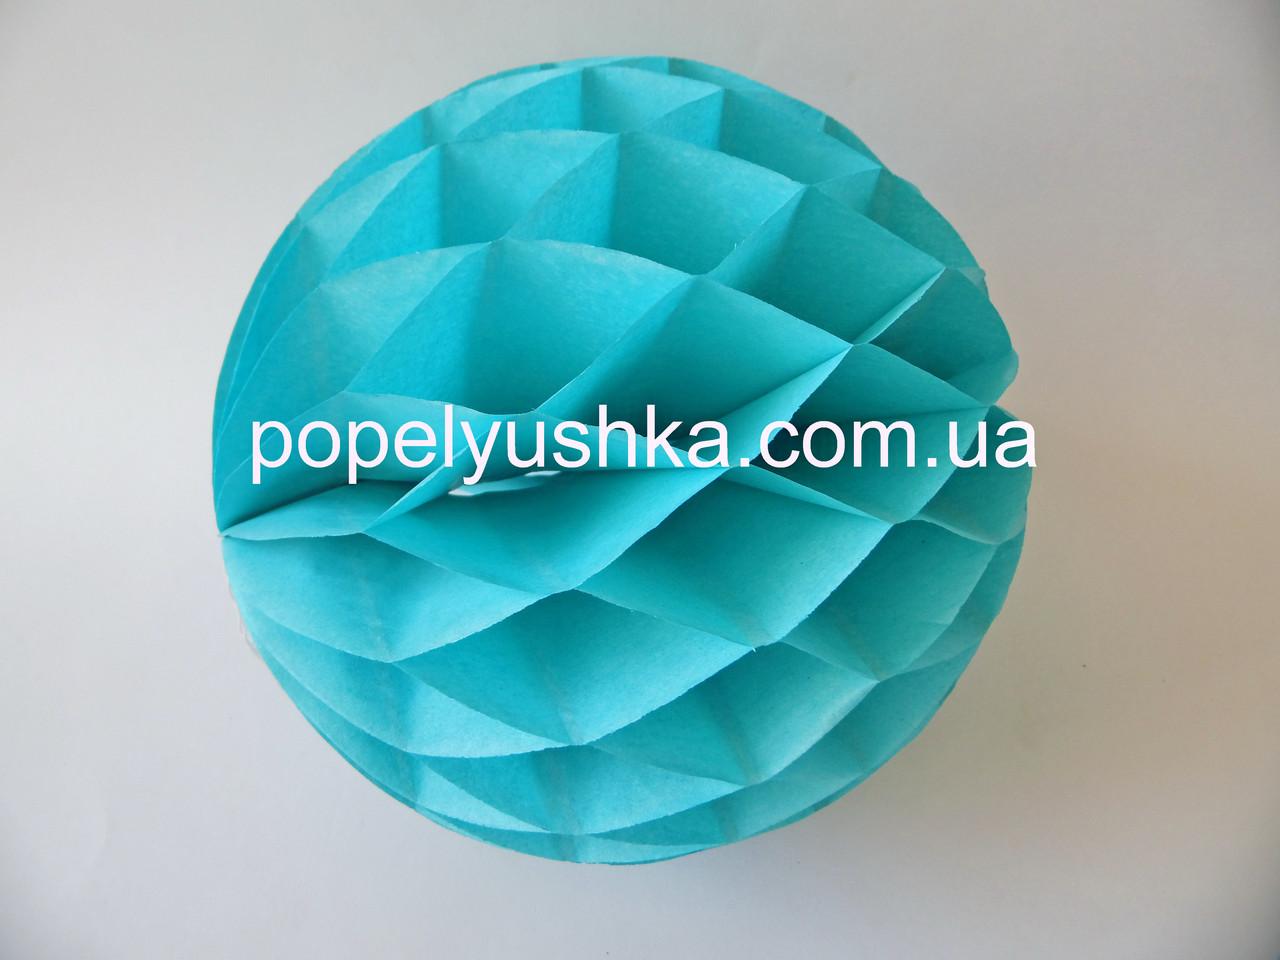 Кулька -соти 30 см. Голубий